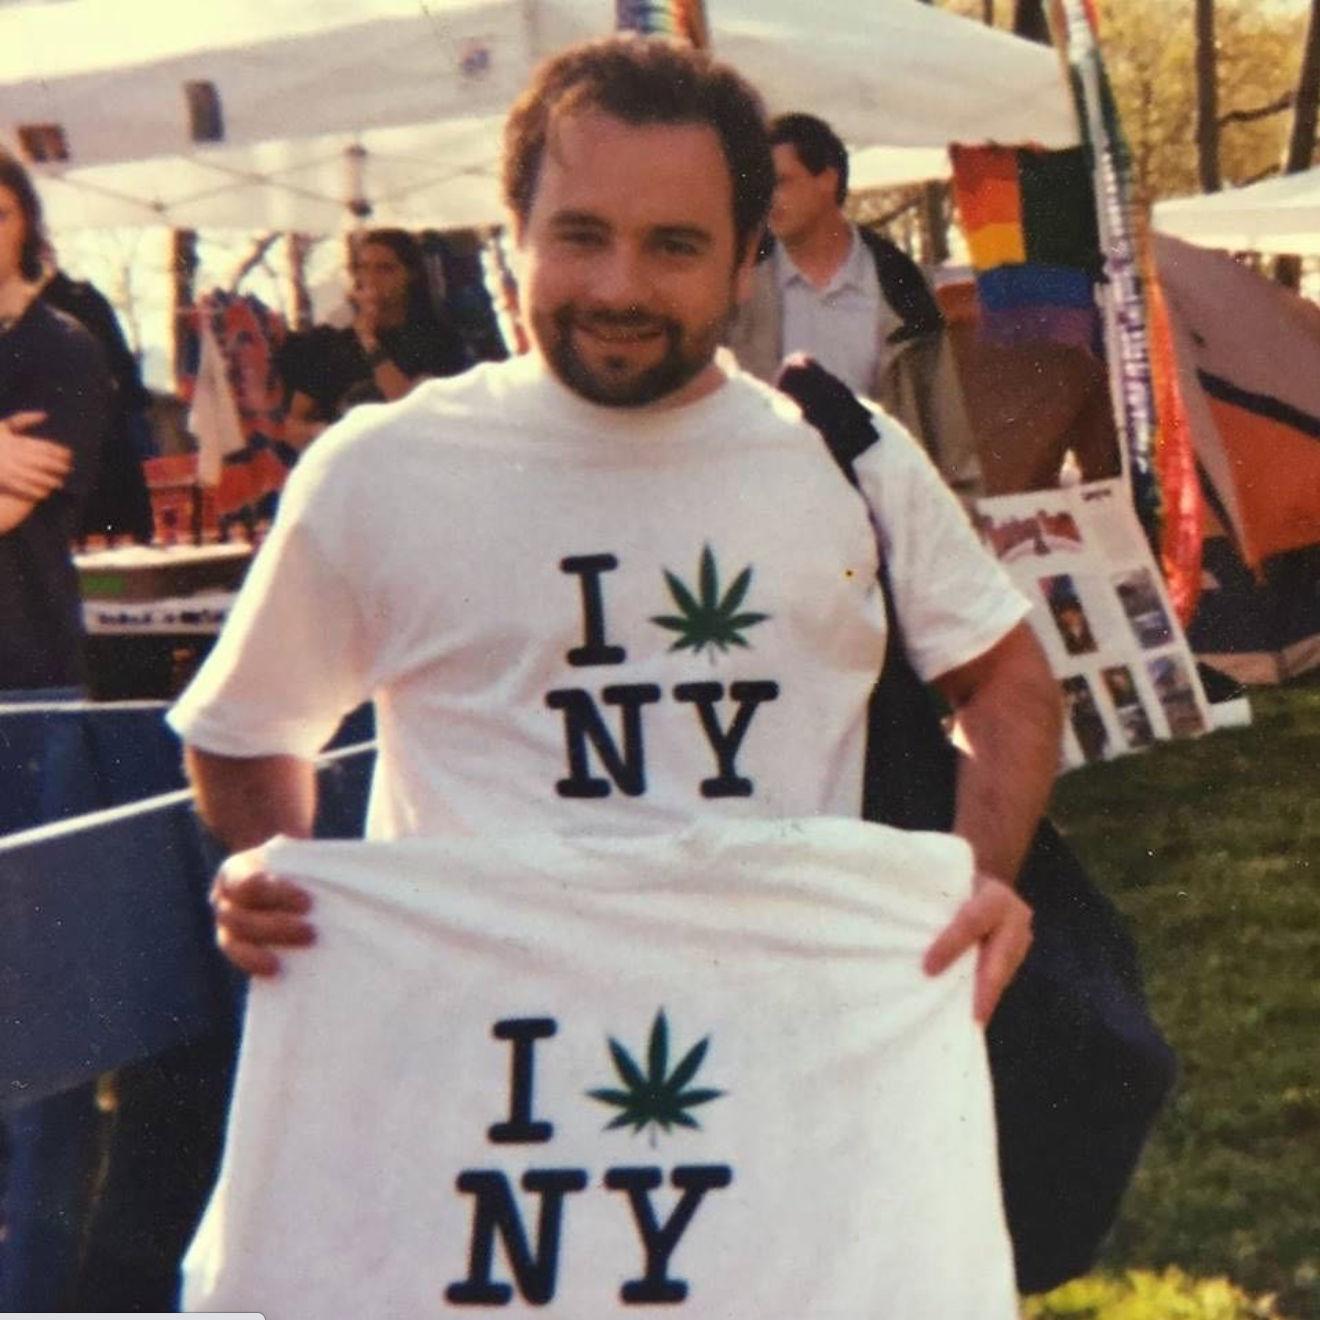 Danny at NYC Pot Parade in 1998